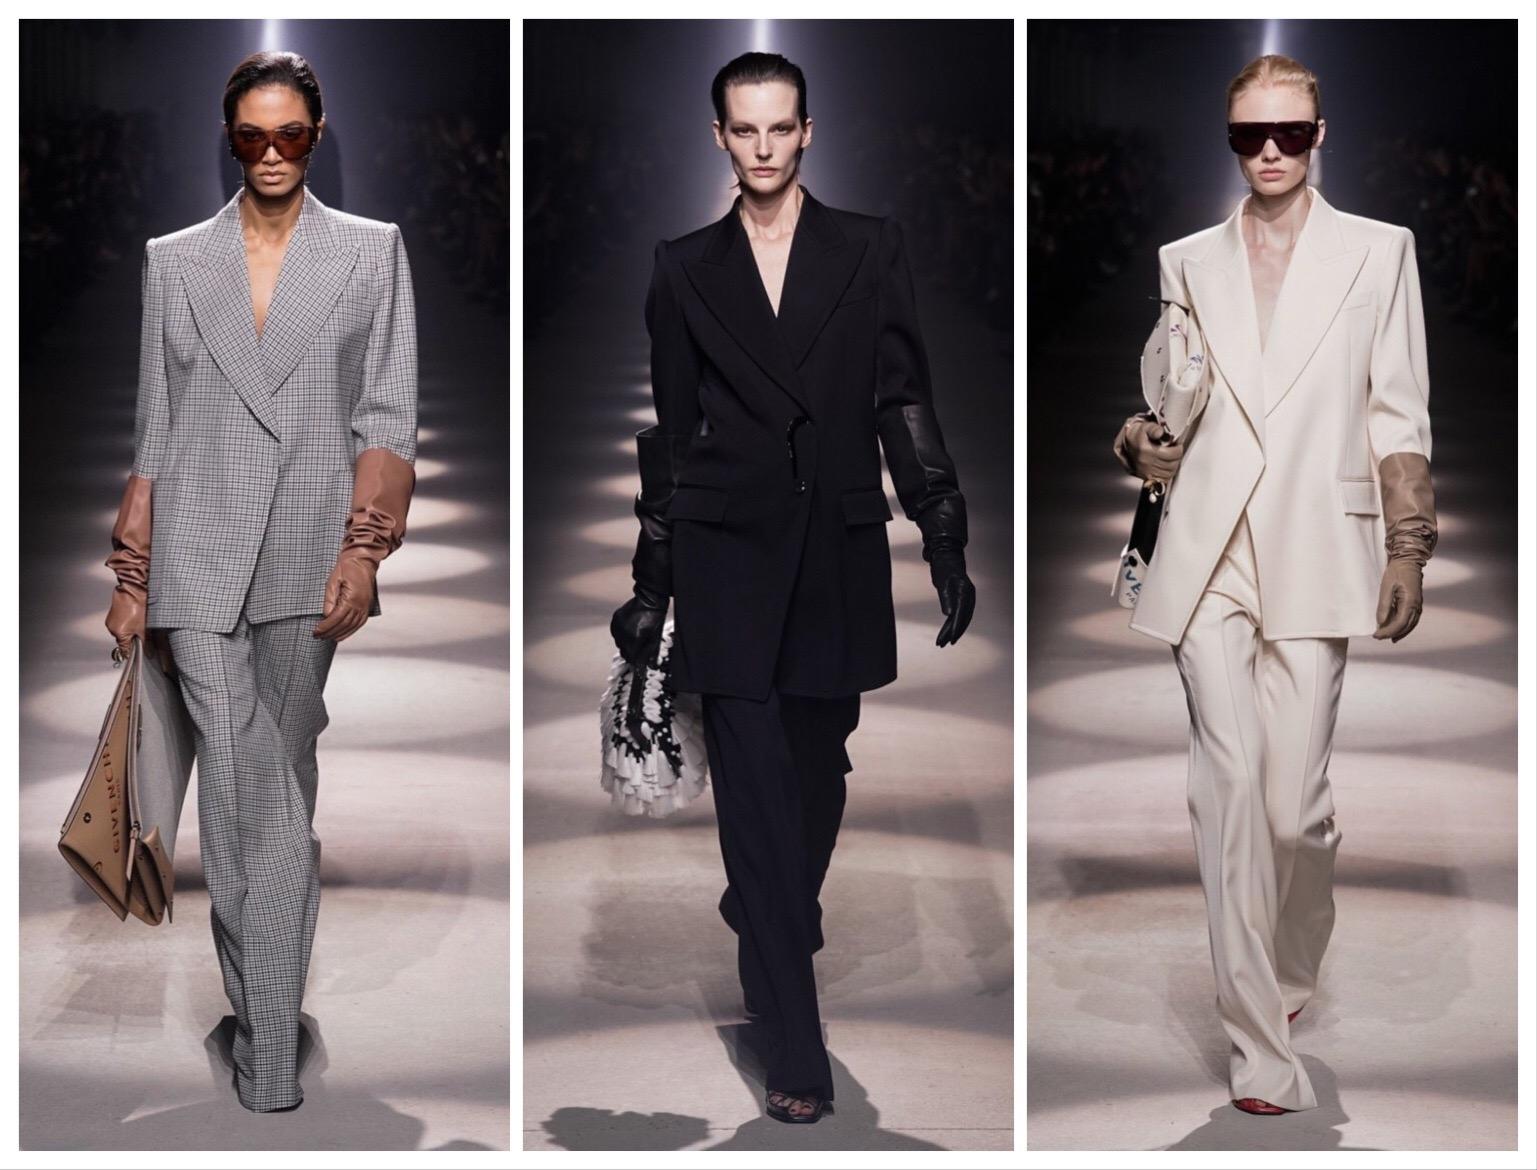 Глубина и сила женщины в новой коллекции Givenchy (ФОТО) - фото №3